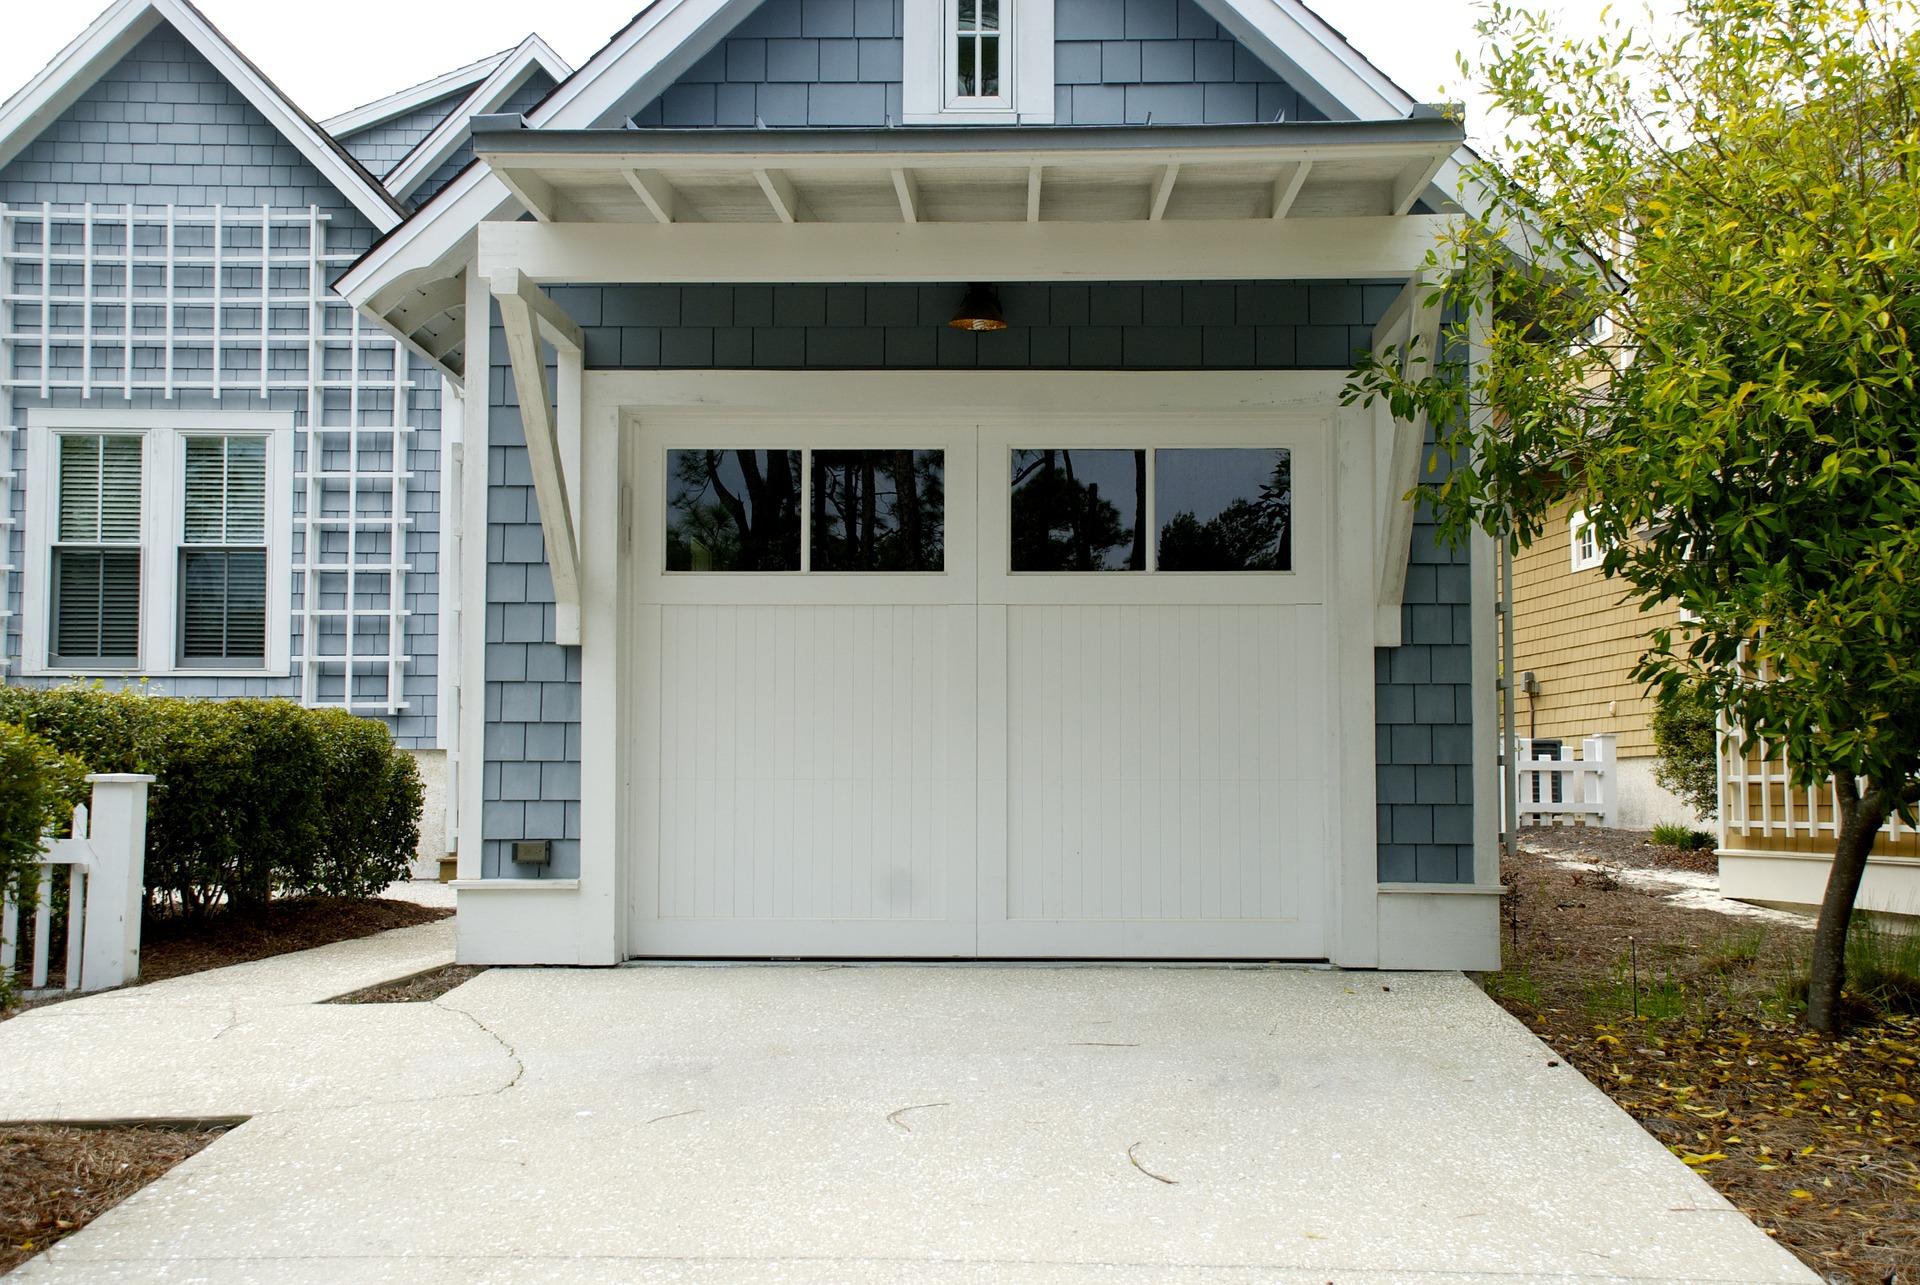 Czy Można Postawić Garaż Bez Pozwolenia Może Zamiast Tego Wiata